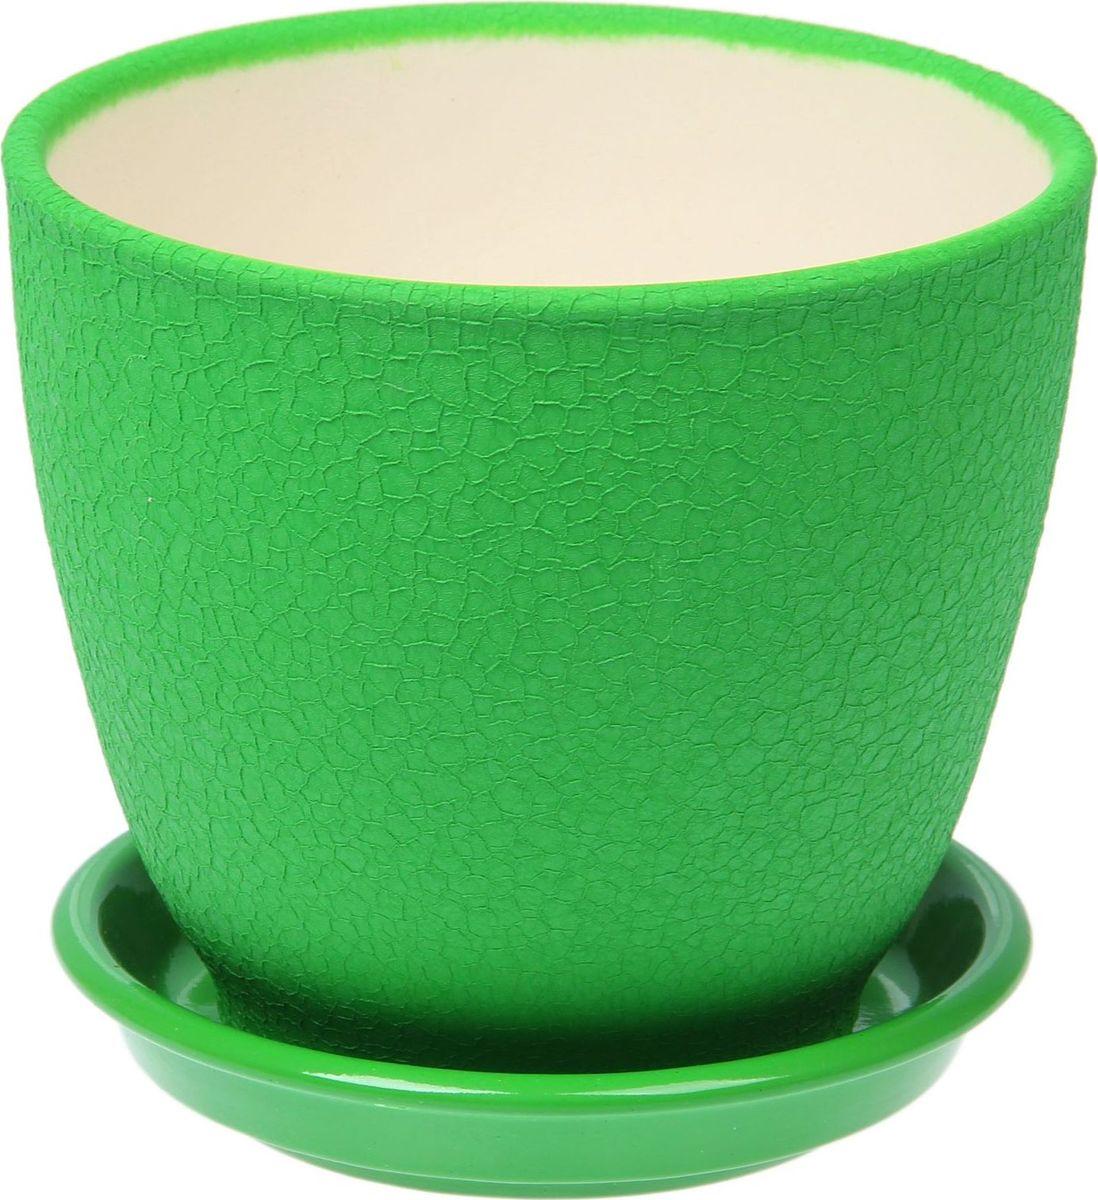 Кашпо Керамика ручной работы Кедр, цвет: зеленый, 2,2 л1489695Комнатные растения — всеобщие любимцы. Они радуют глаз, насыщают помещение кислородом и украшают пространство. Каждому из них необходим свой удобный и красивый дом. Кашпо из керамики прекрасно подходят для высадки растений: за счет пластичности глины и разных способов обработки существует великое множество форм и дизайнов пористый материал позволяет испаряться лишней влаге воздух, необходимый для дыхания корней, проникает сквозь керамические стенки! позаботится о зеленом питомце, освежит интерьер и подчеркнет его стиль.